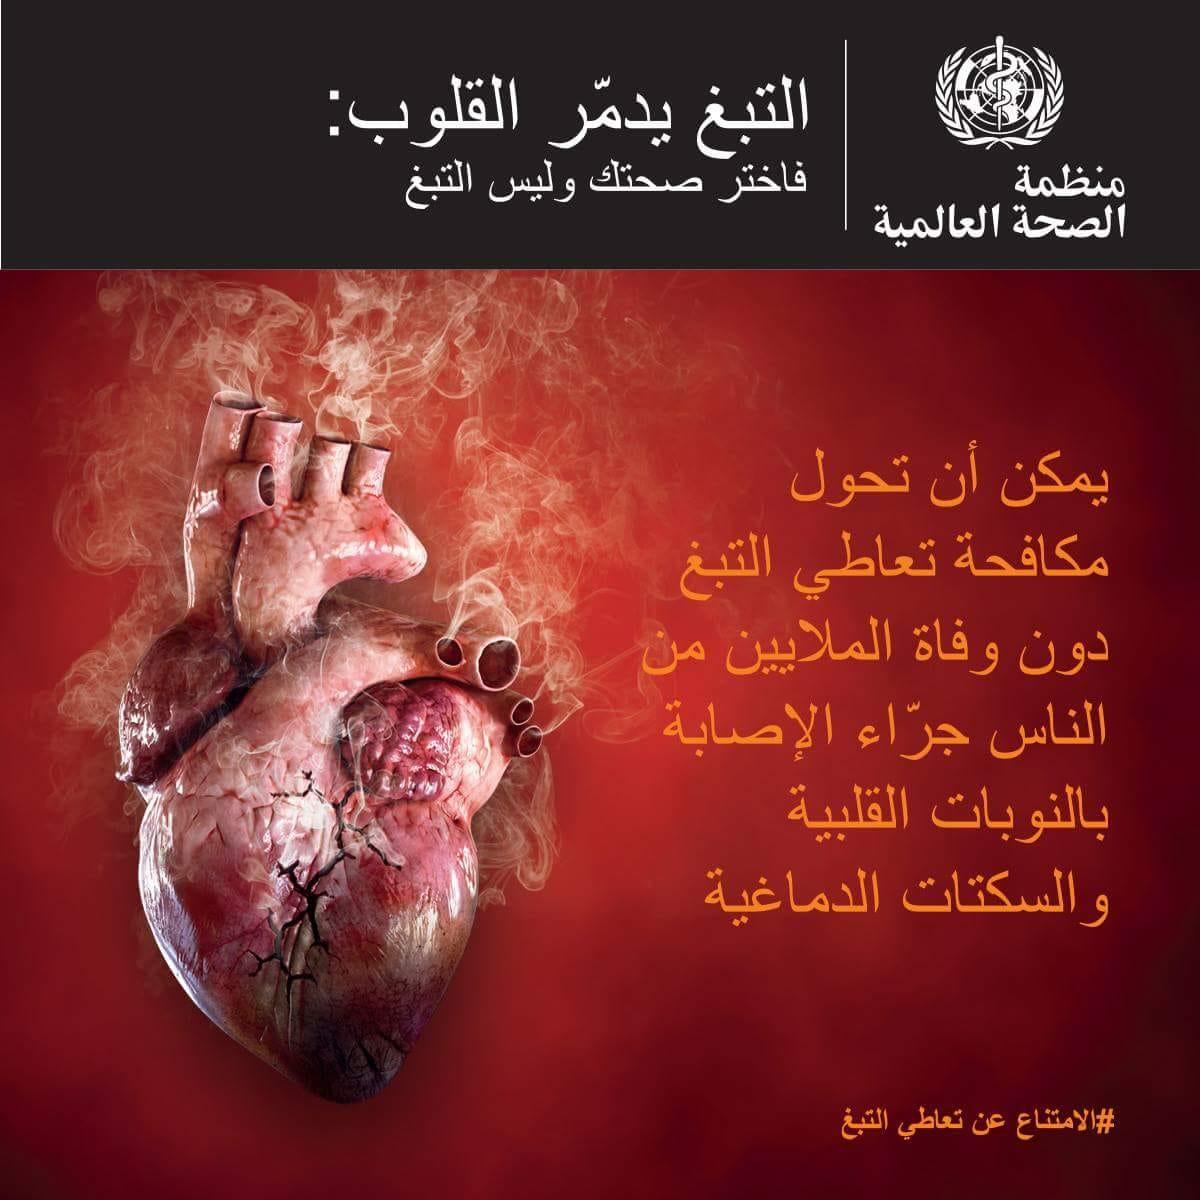 مندوبية الصحة يالجديدة تحتفي باليوم العالمي للامتناع عن تعاطي التبغ